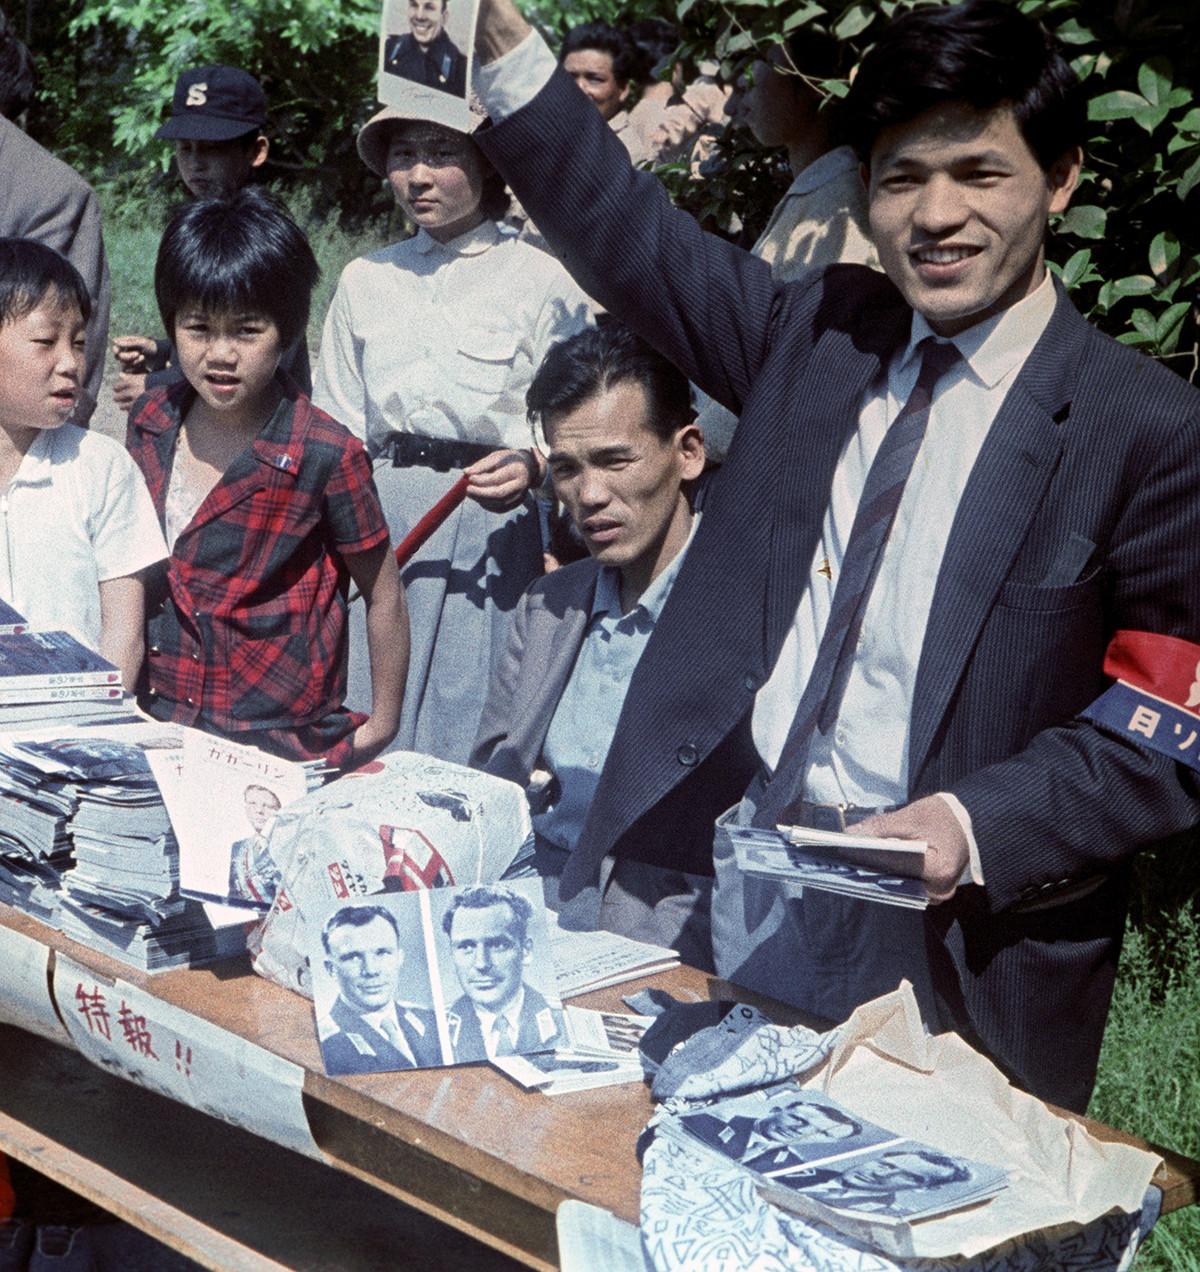 ガガーリンを歓迎する東京の人々。集まった人々にソ連初の宇宙飛行士であるユーリー・ガガーリンとゲルマン・チトフの写真を配るボランティアスタッフ